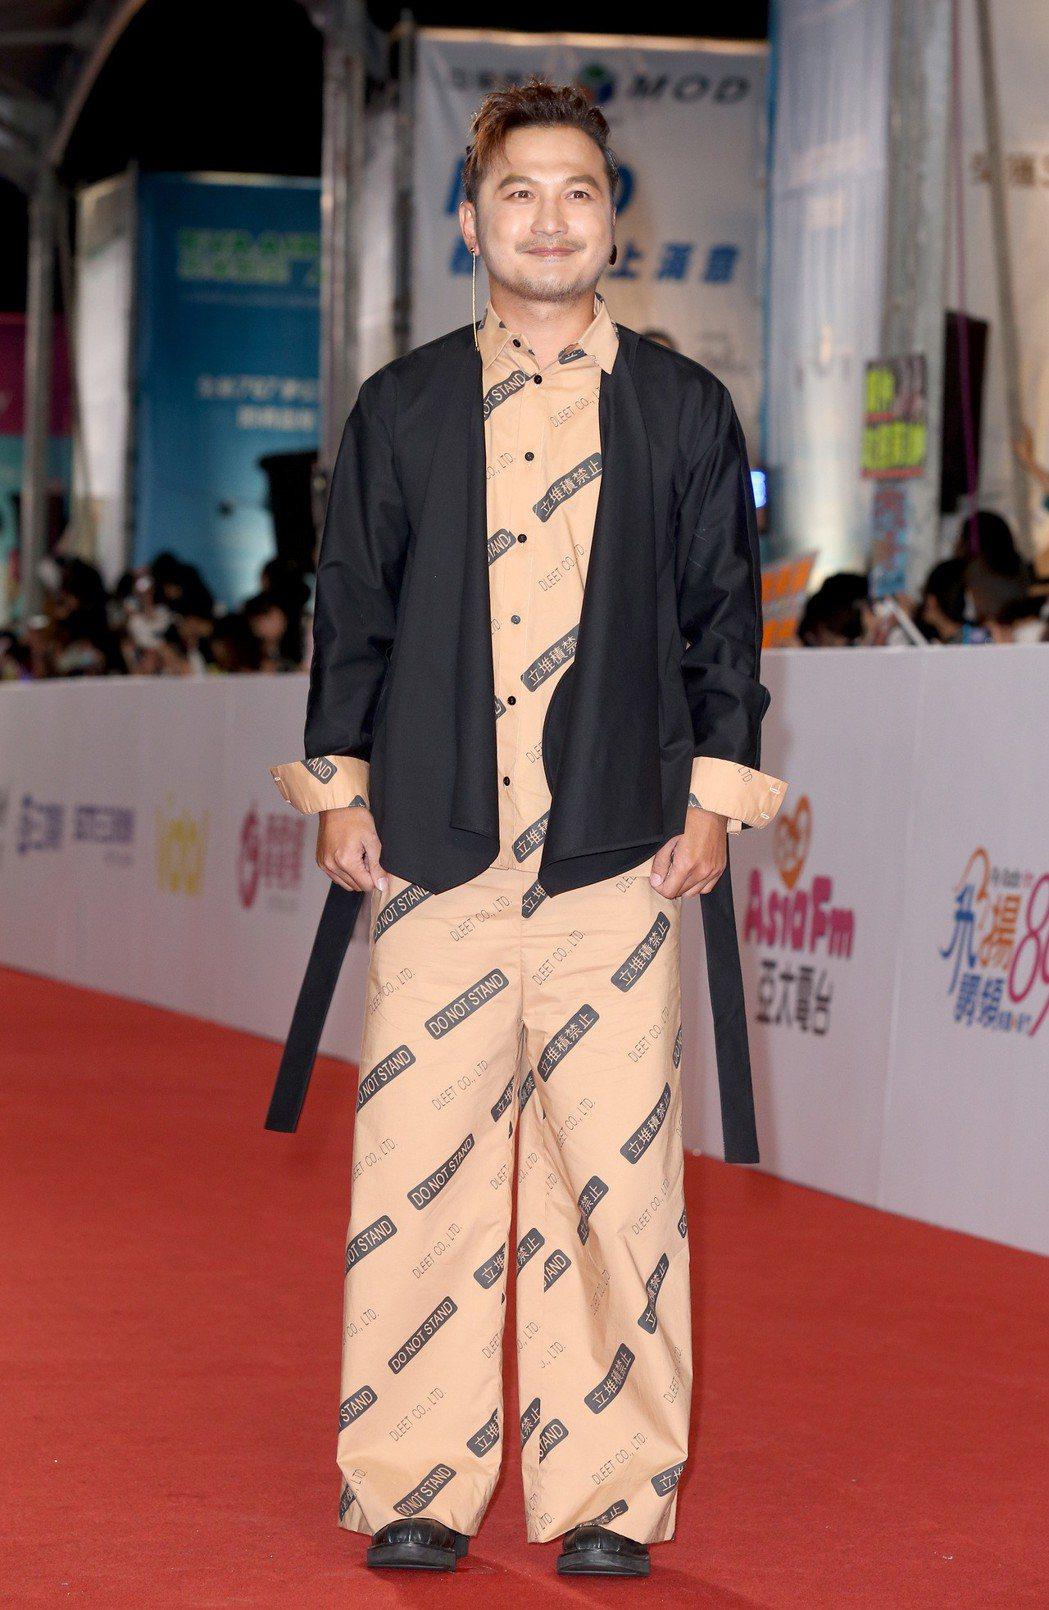 Kid走上紅毯的造型被網友揶揄像是穿睡衣。記者陳立凱/攝影